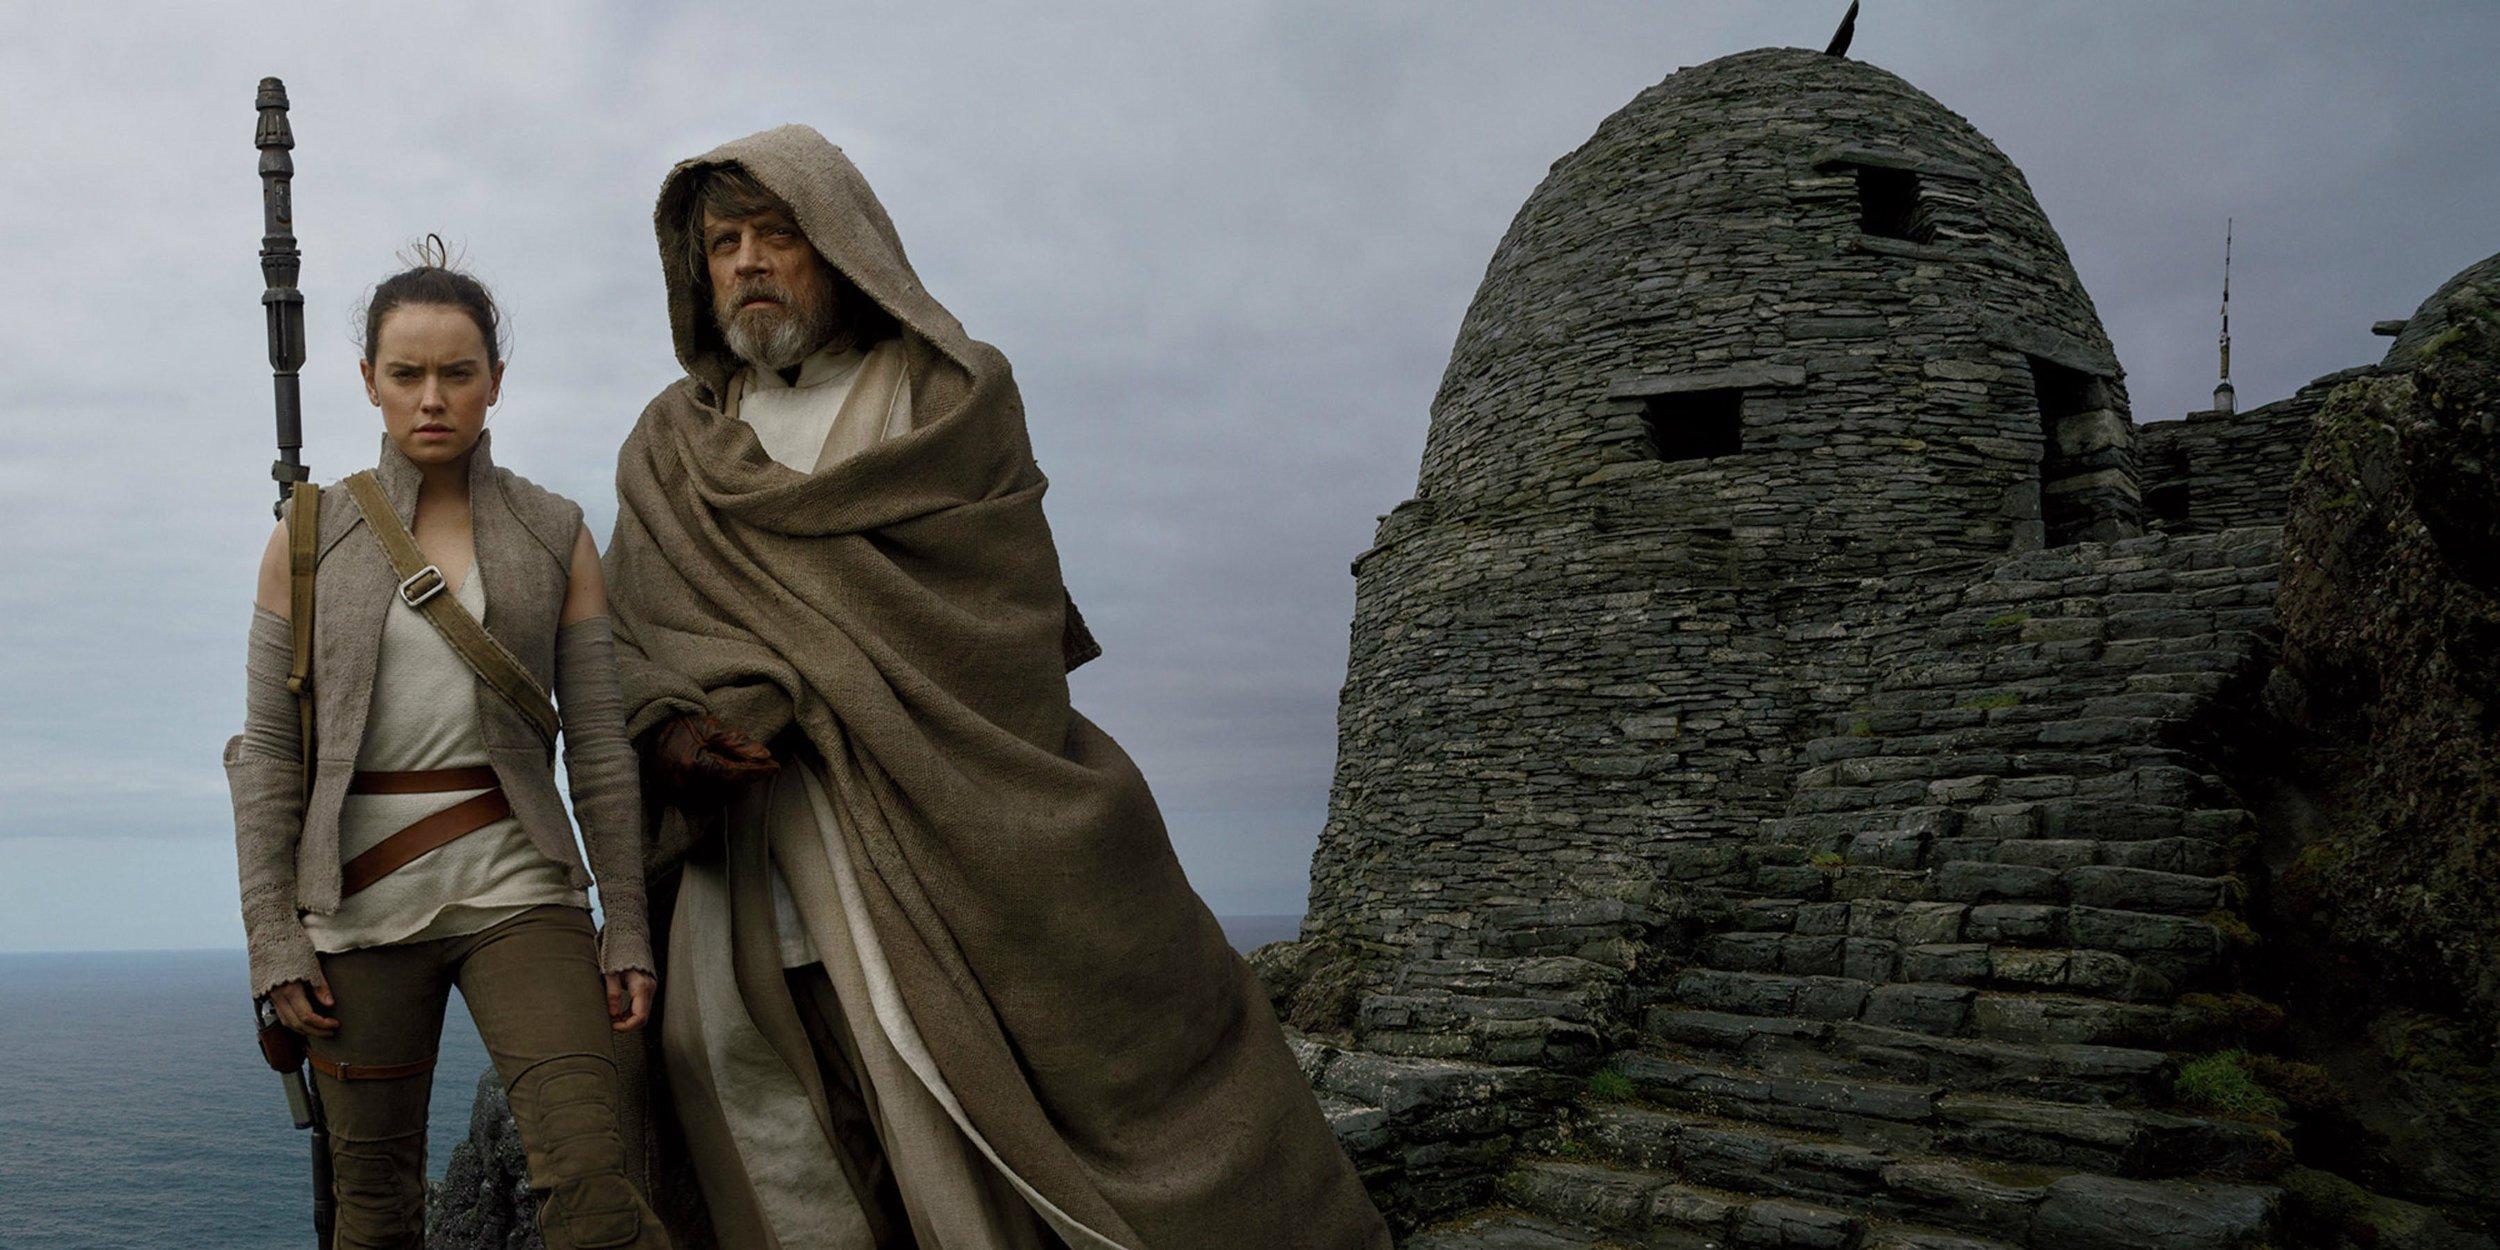 Rey-and-Luke-Skywalker-in-The-Last-Jedi.jpg